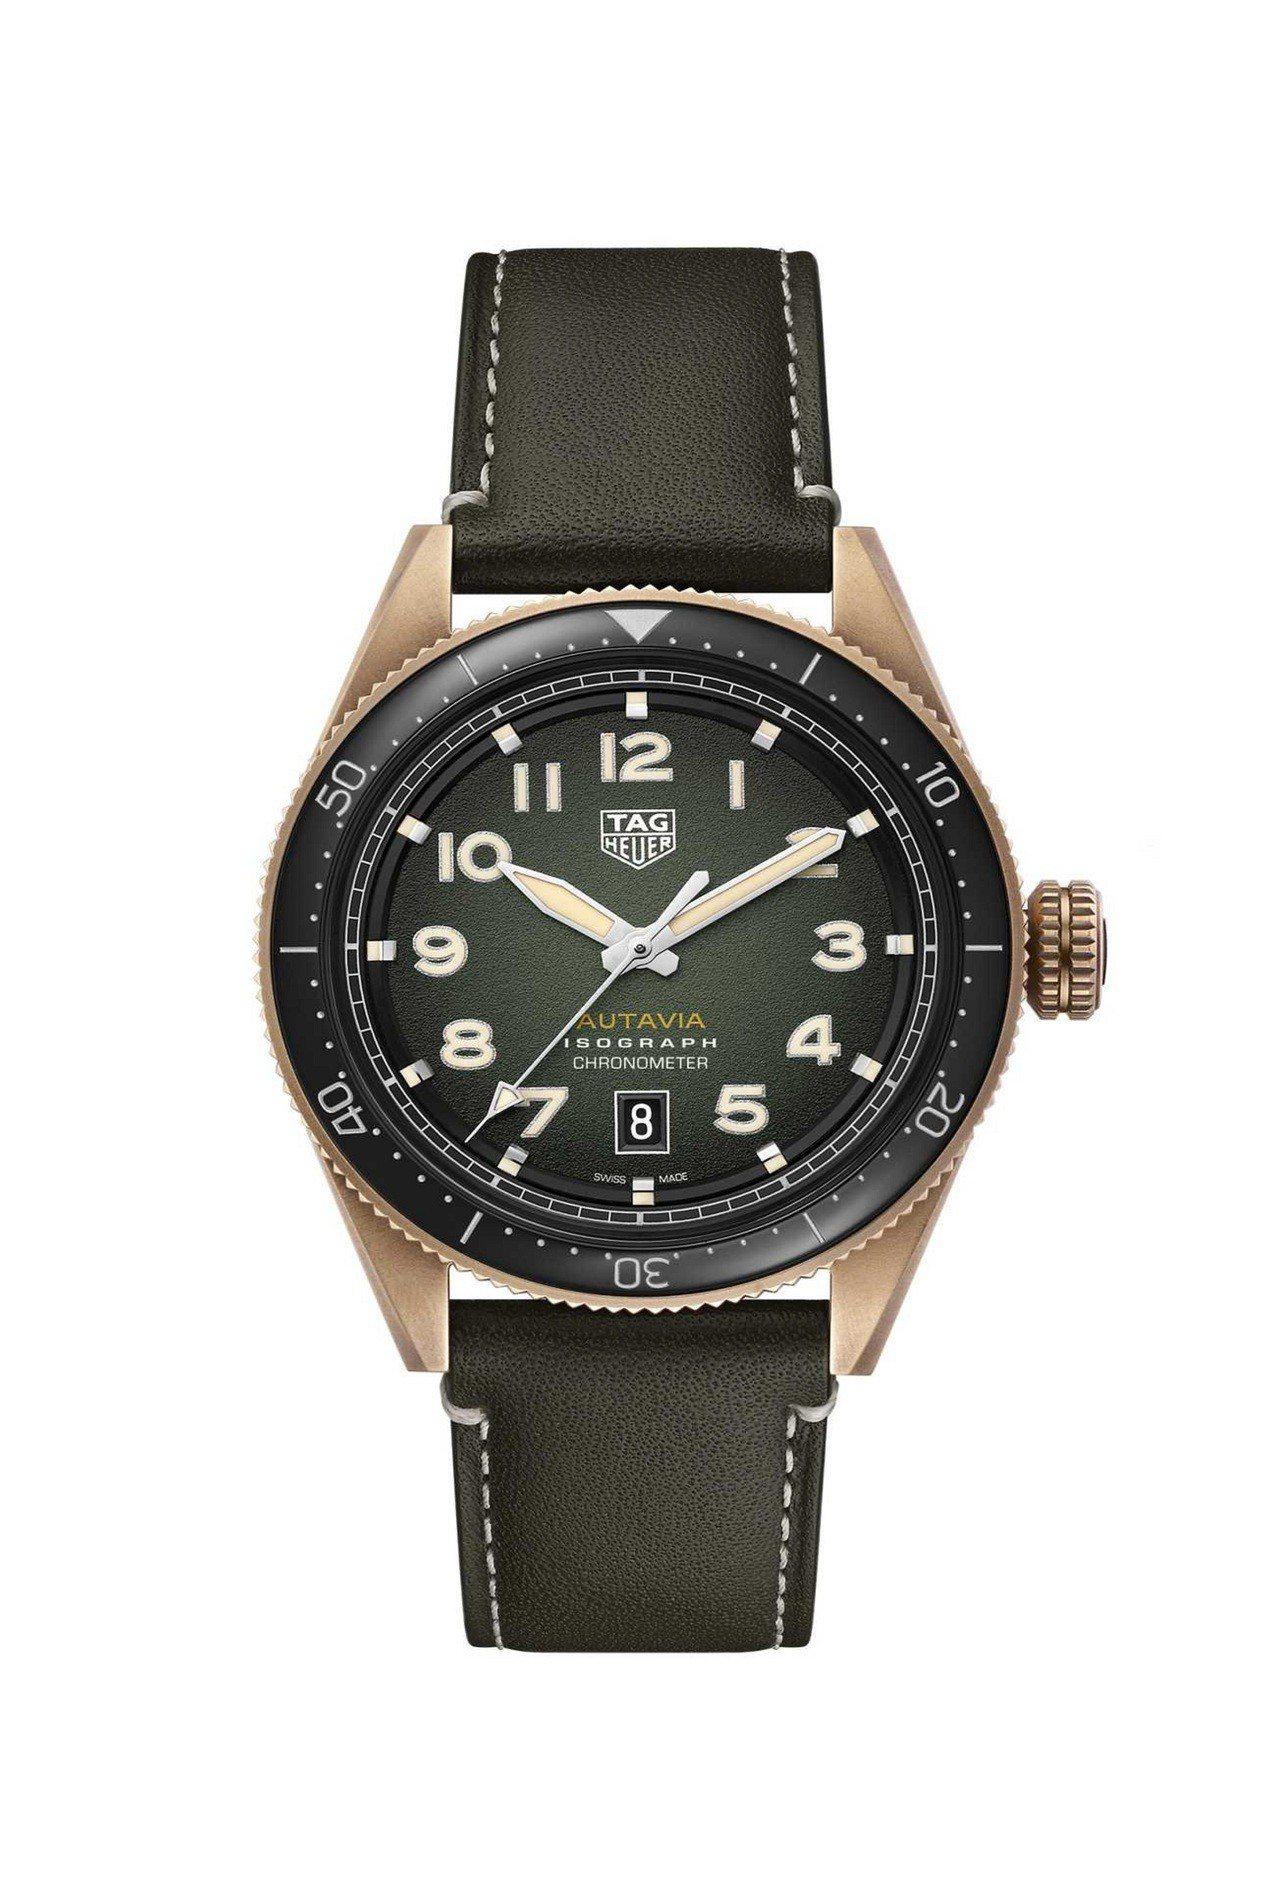 泰格豪雅Autavia系列腕表,青銅材質表殼,搭配黑色陶瓷雙向旋轉表圈,約14萬...